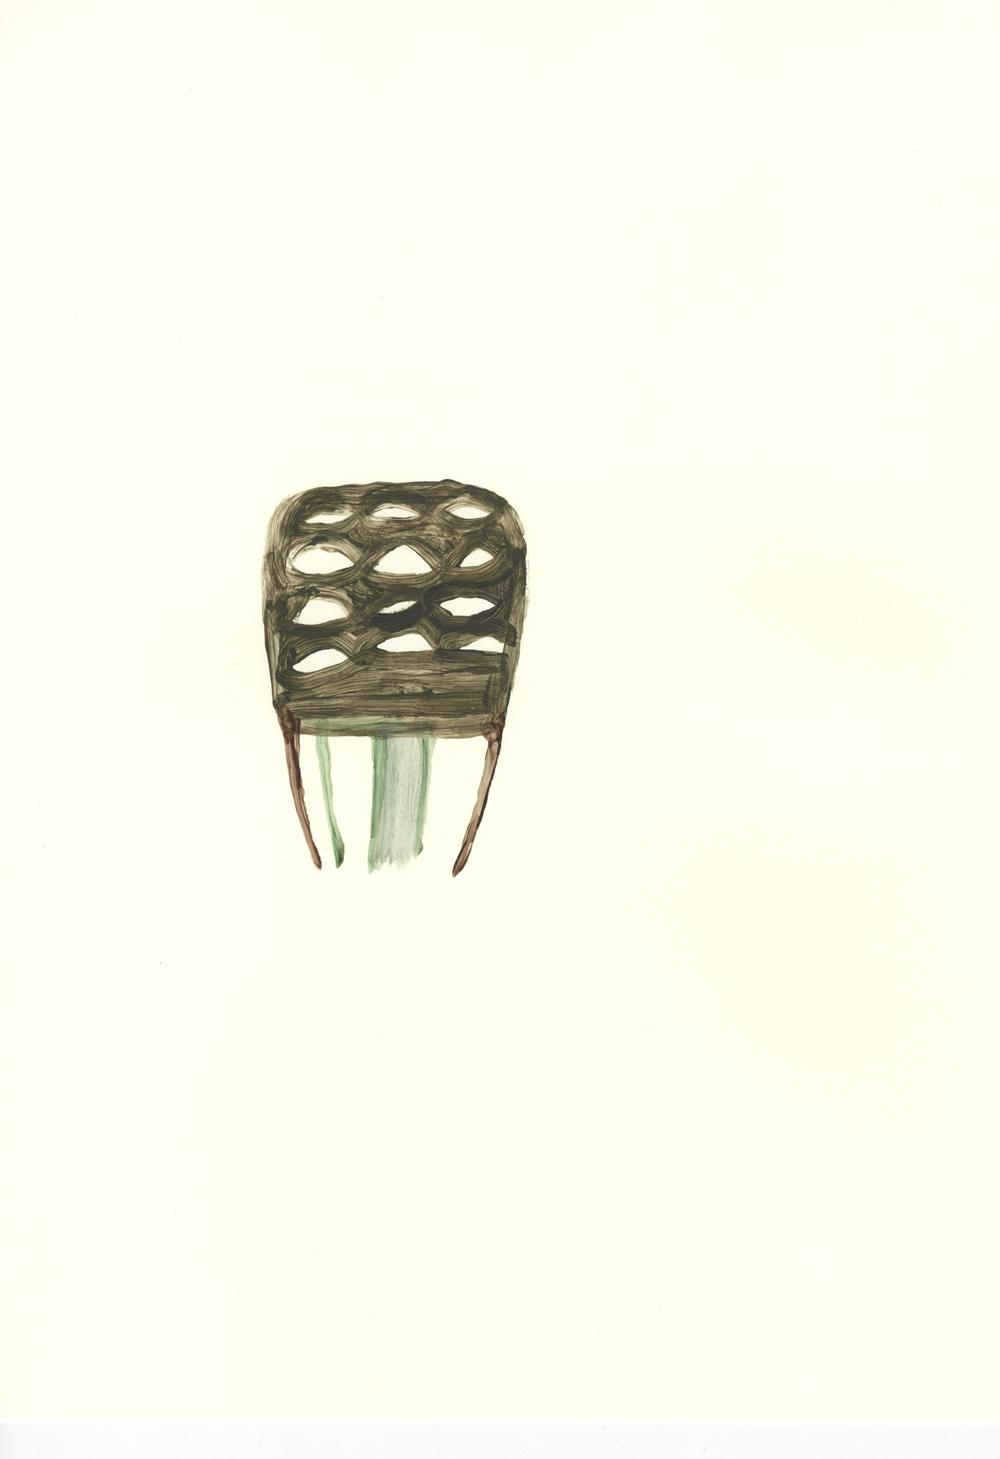 Peineta arácnida. Acrílico sobre papel. 42x29,7cm